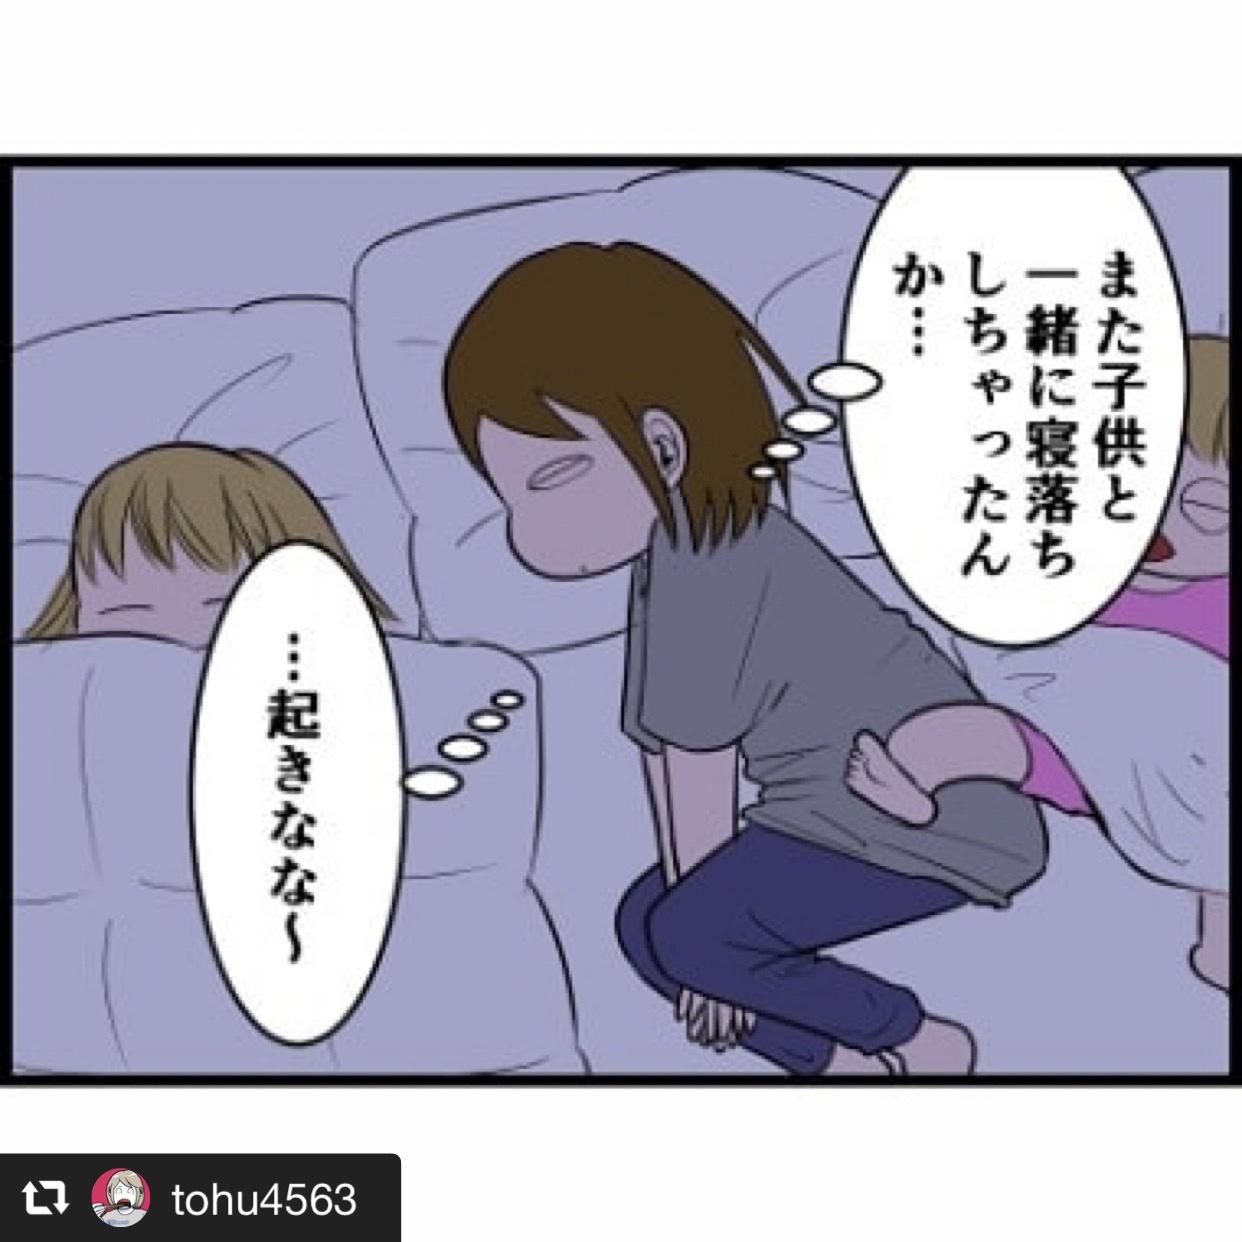 子どもの寝かしつけで寝落ち。トイレに行きたいけれど……。 画像2